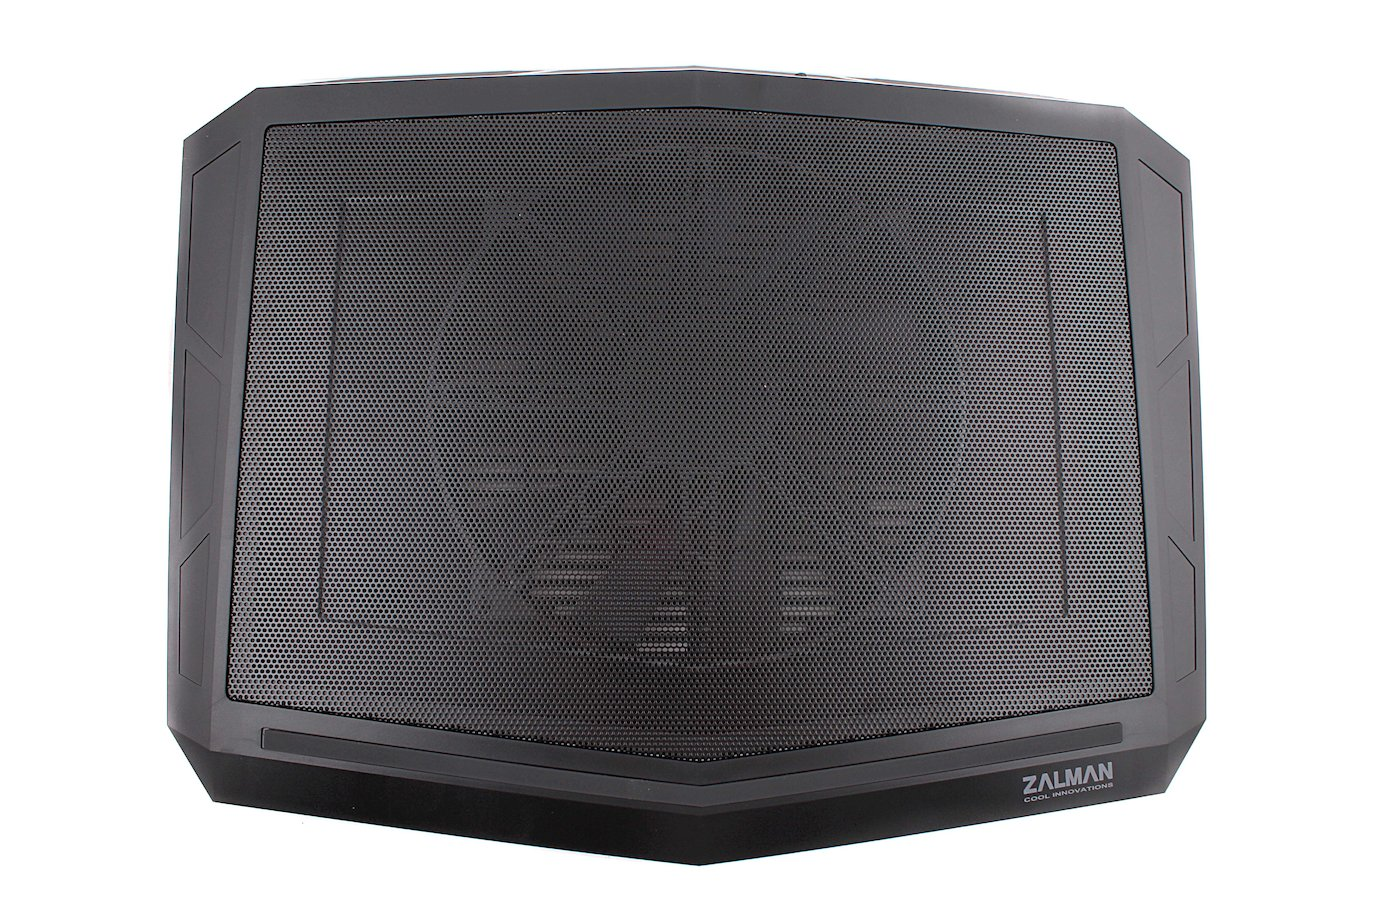 Подставка для ноутбука ZALMAN ZM-NC11 до 17 вентилятор 220мм черная